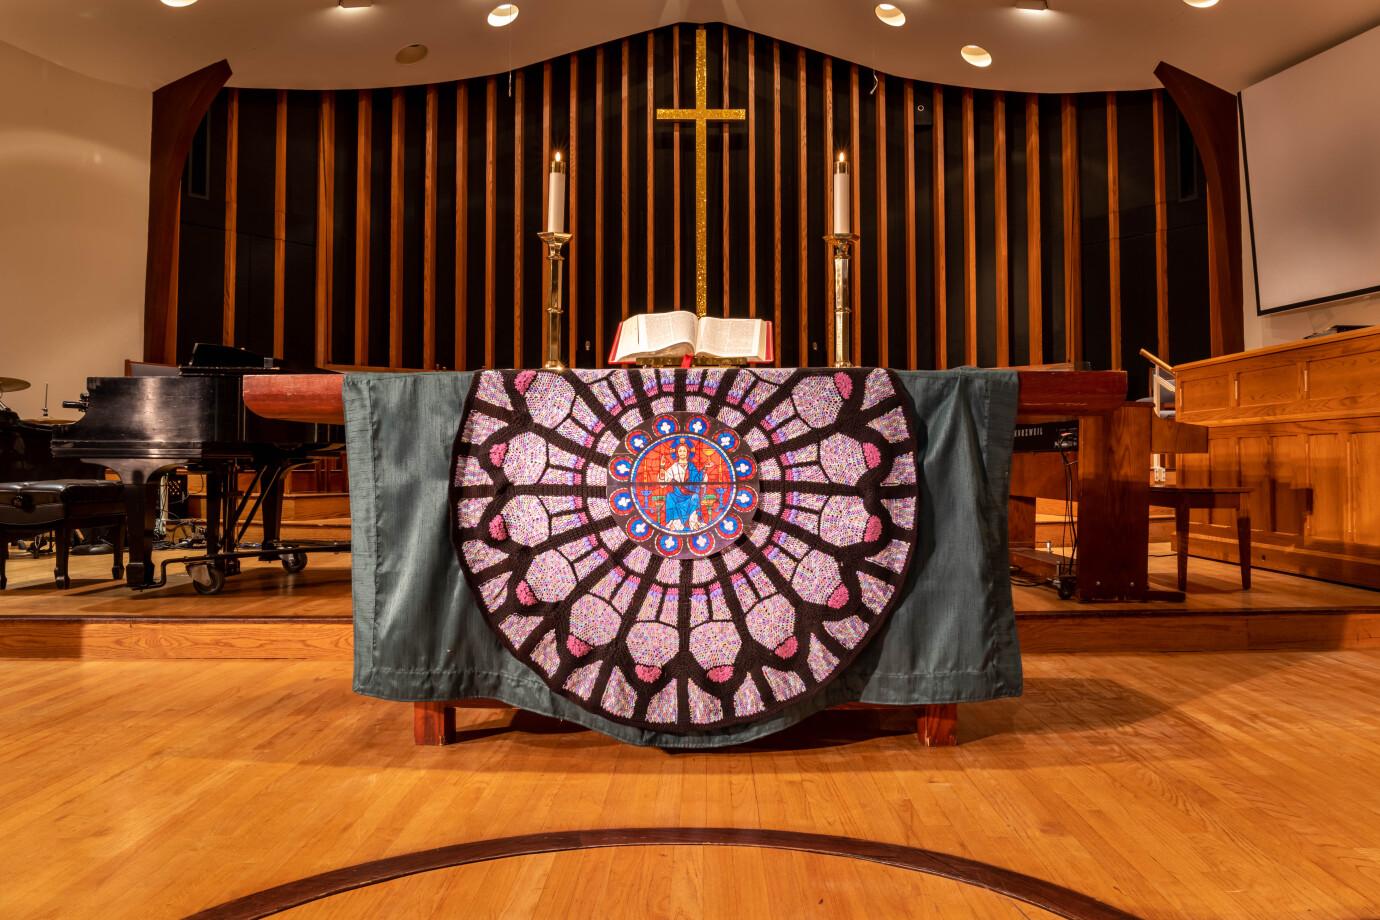 Saturday Evening Worship